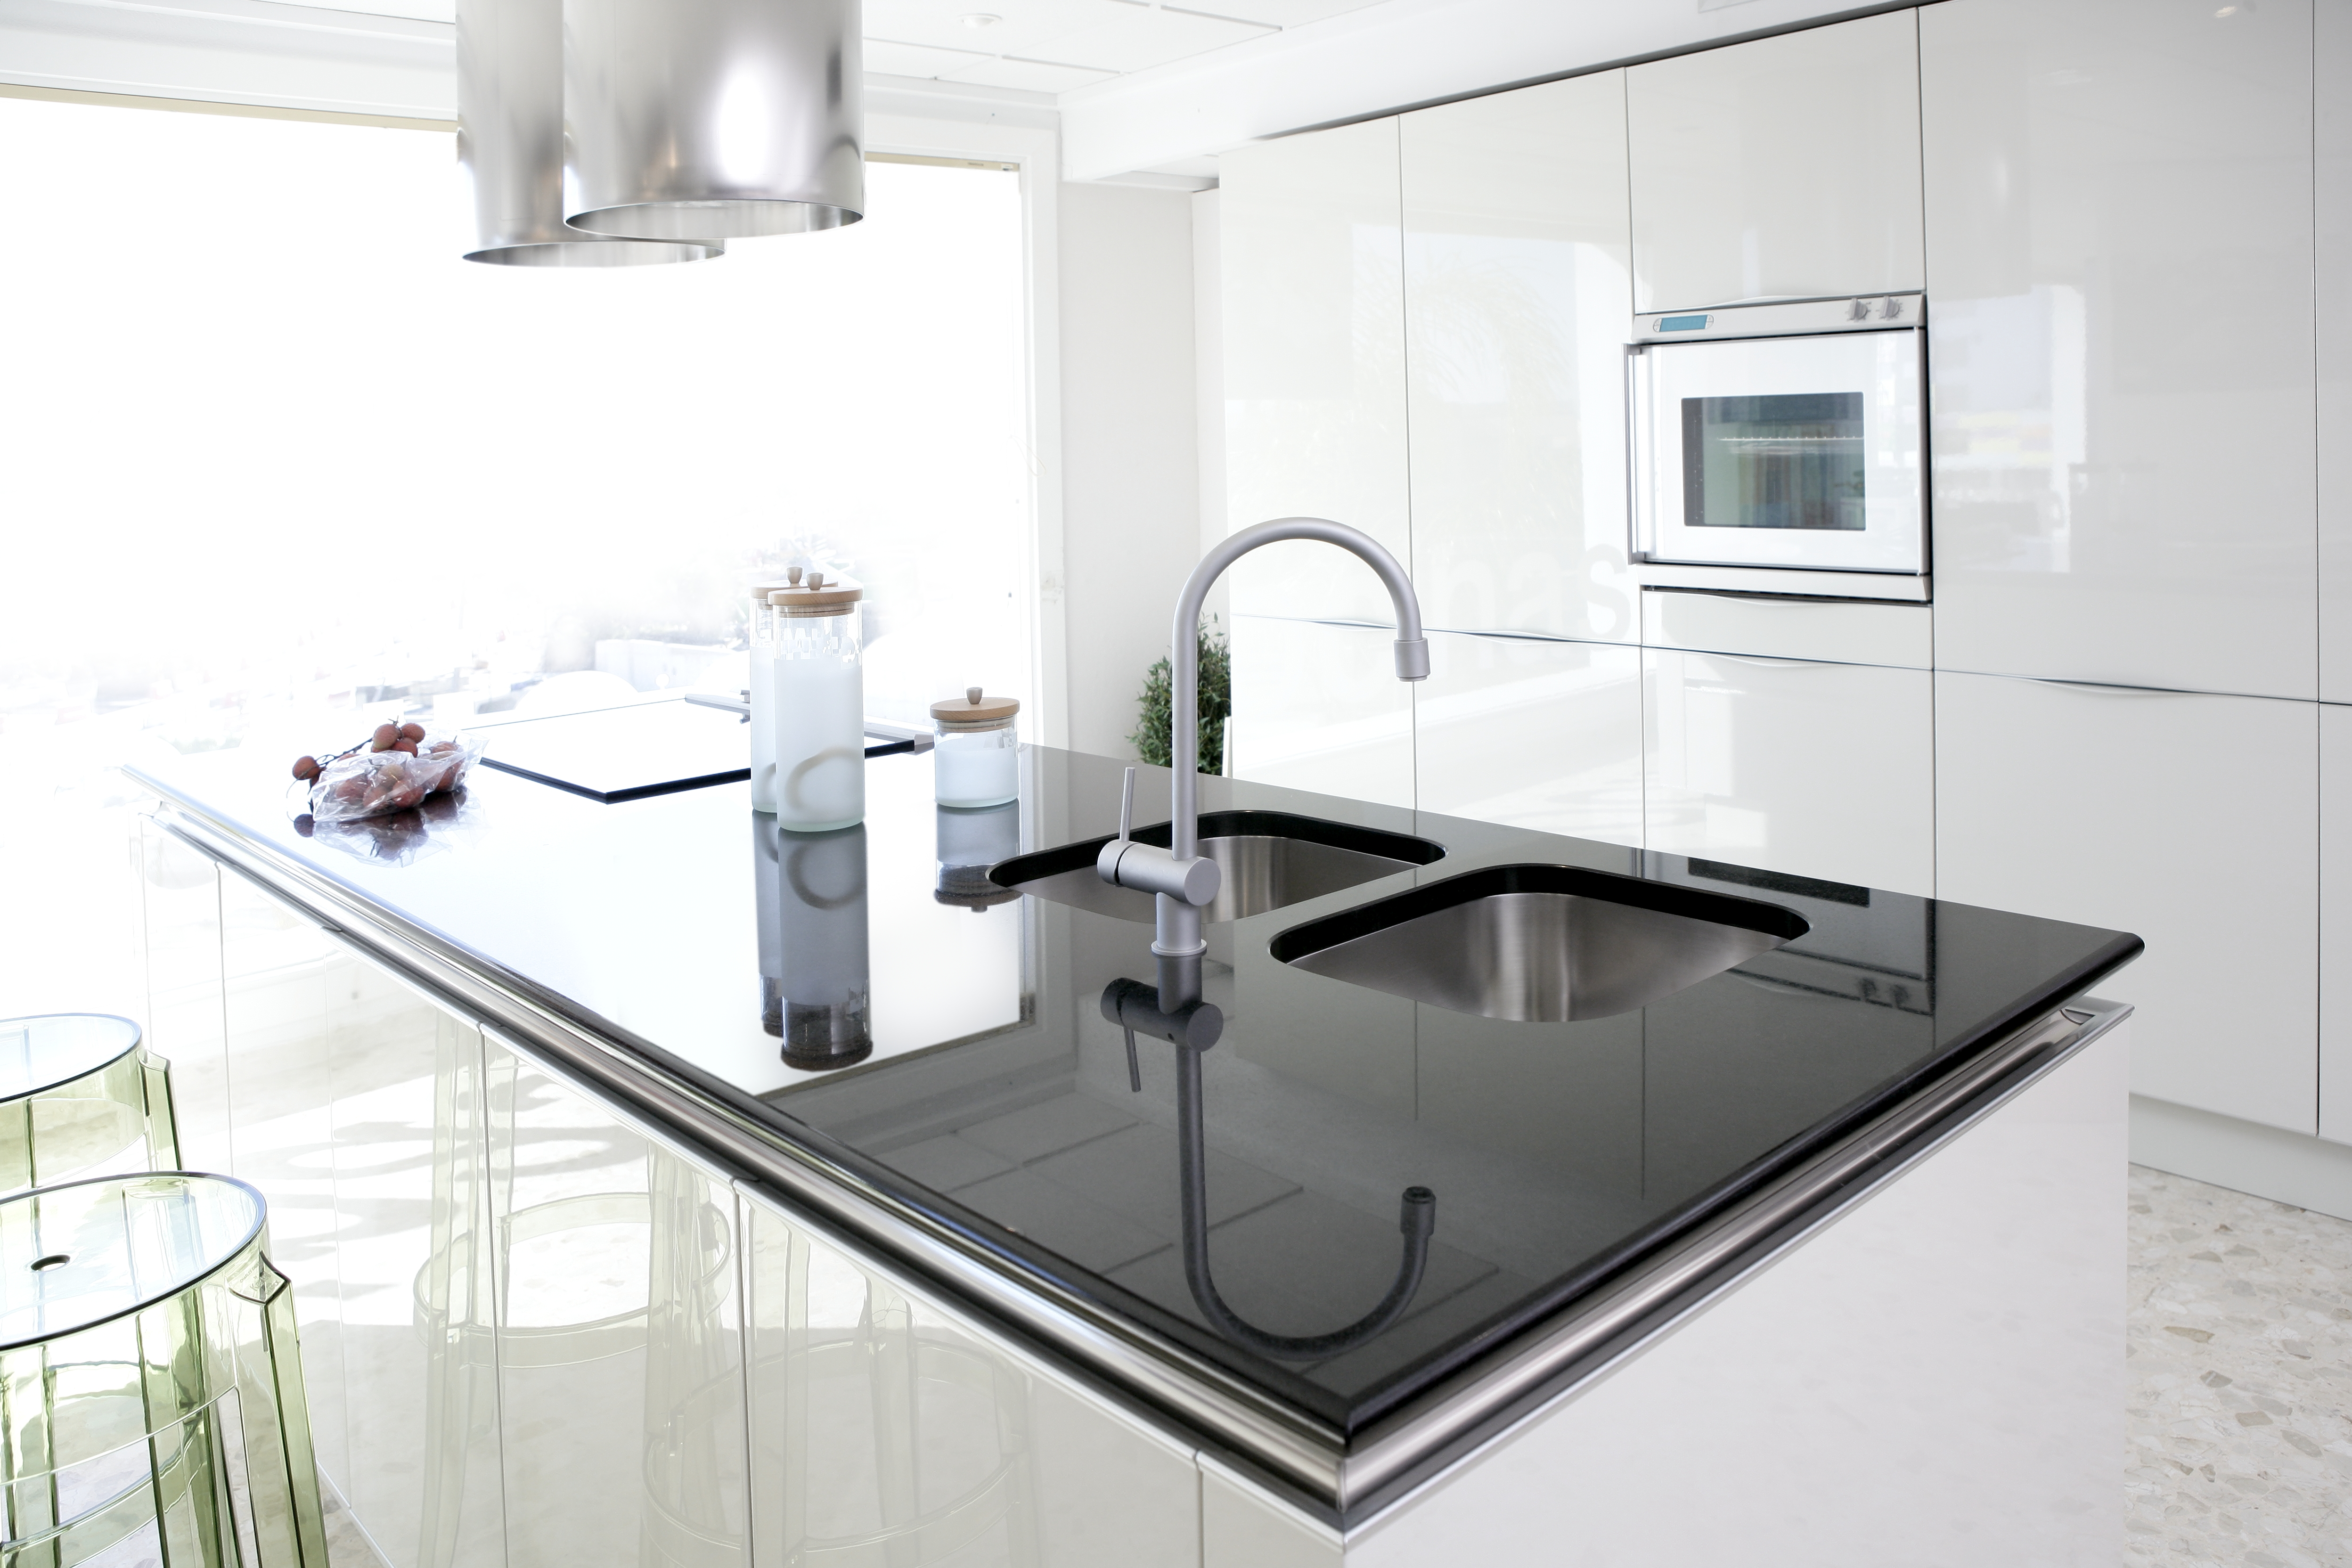 Qu grifo es mejor para mi cocina dorotea bigmat - Grifo cocina pared 11 cm ...